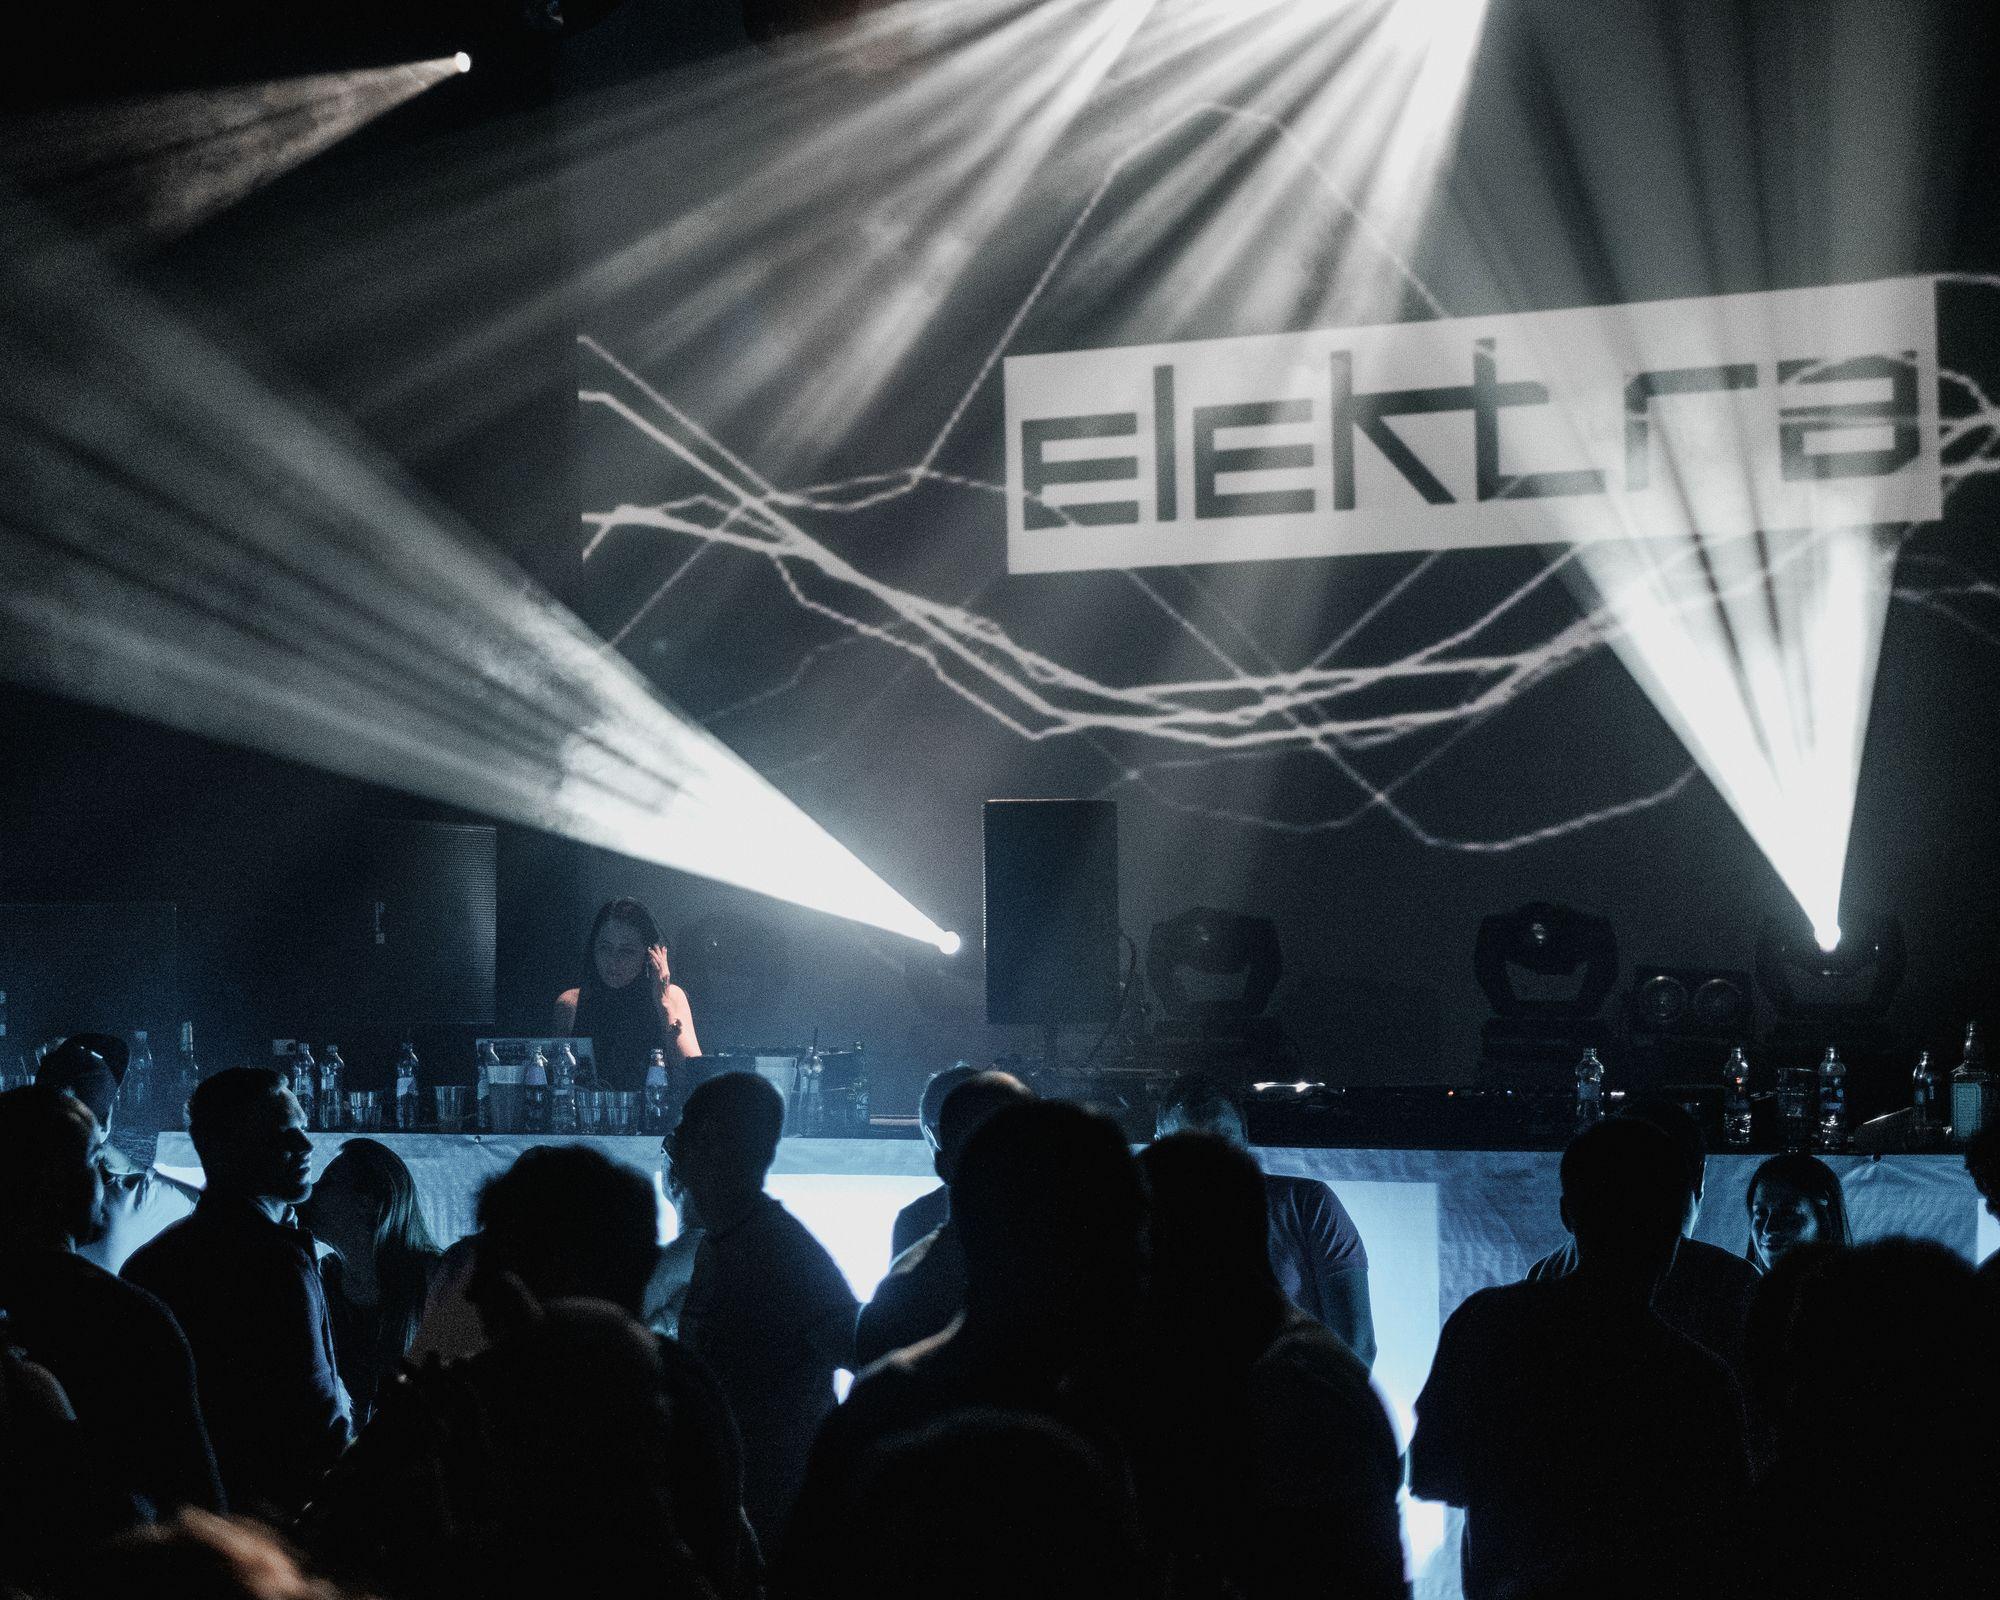 elektra-51-of-55-.jpg